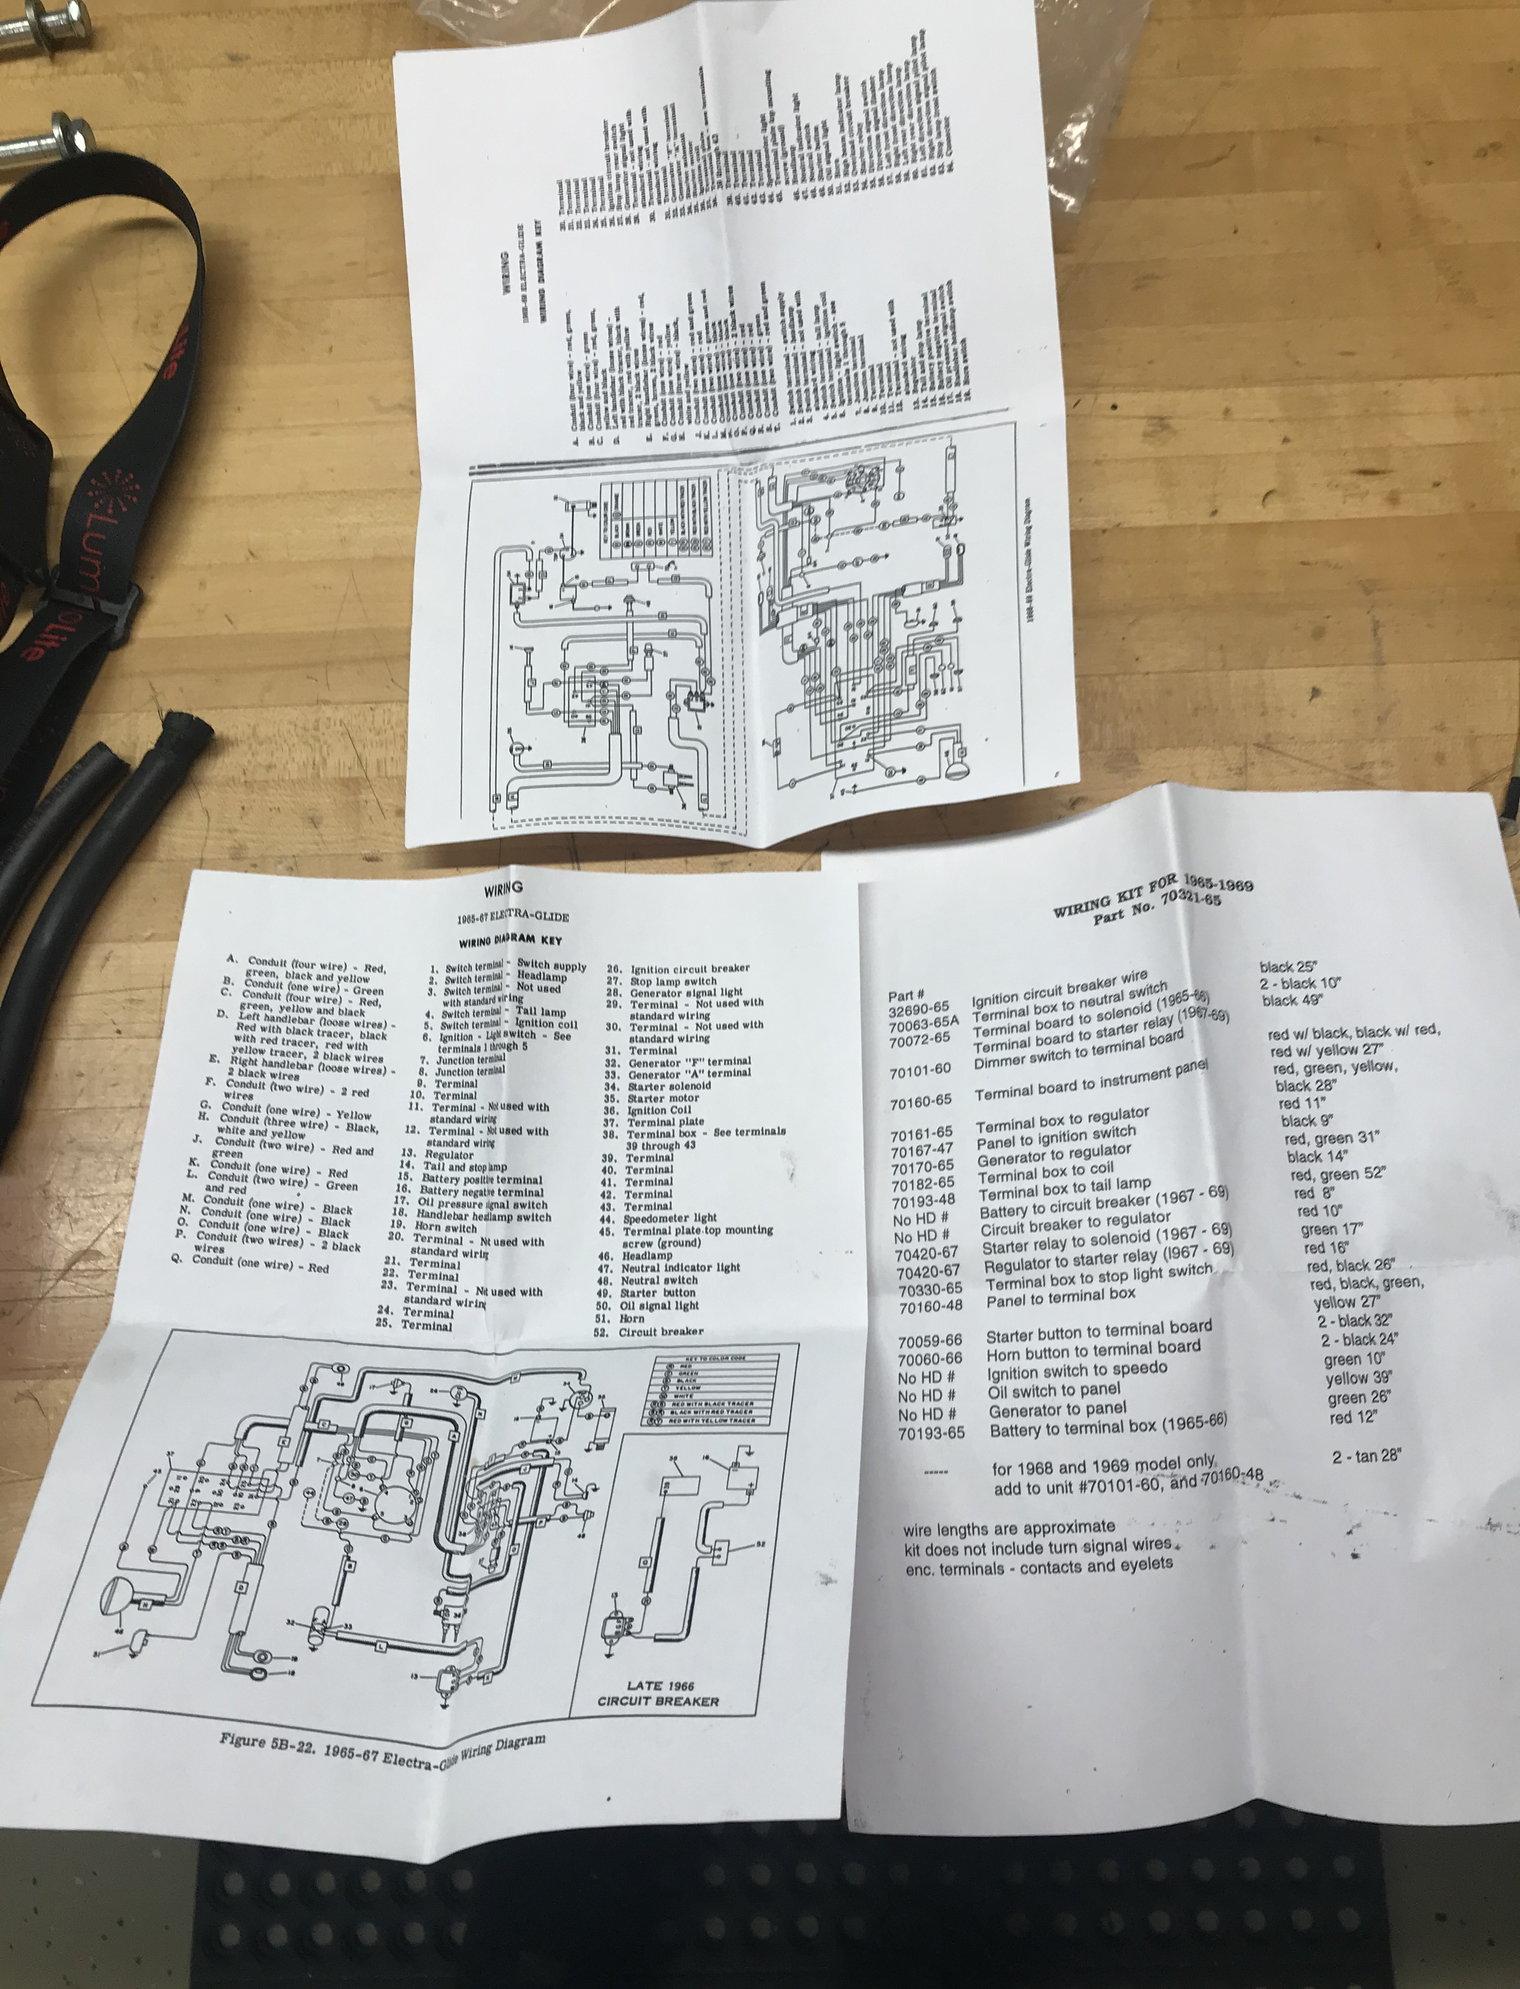 U0026 39 65- U0026 39 69 Flh Wiring Harness Kit